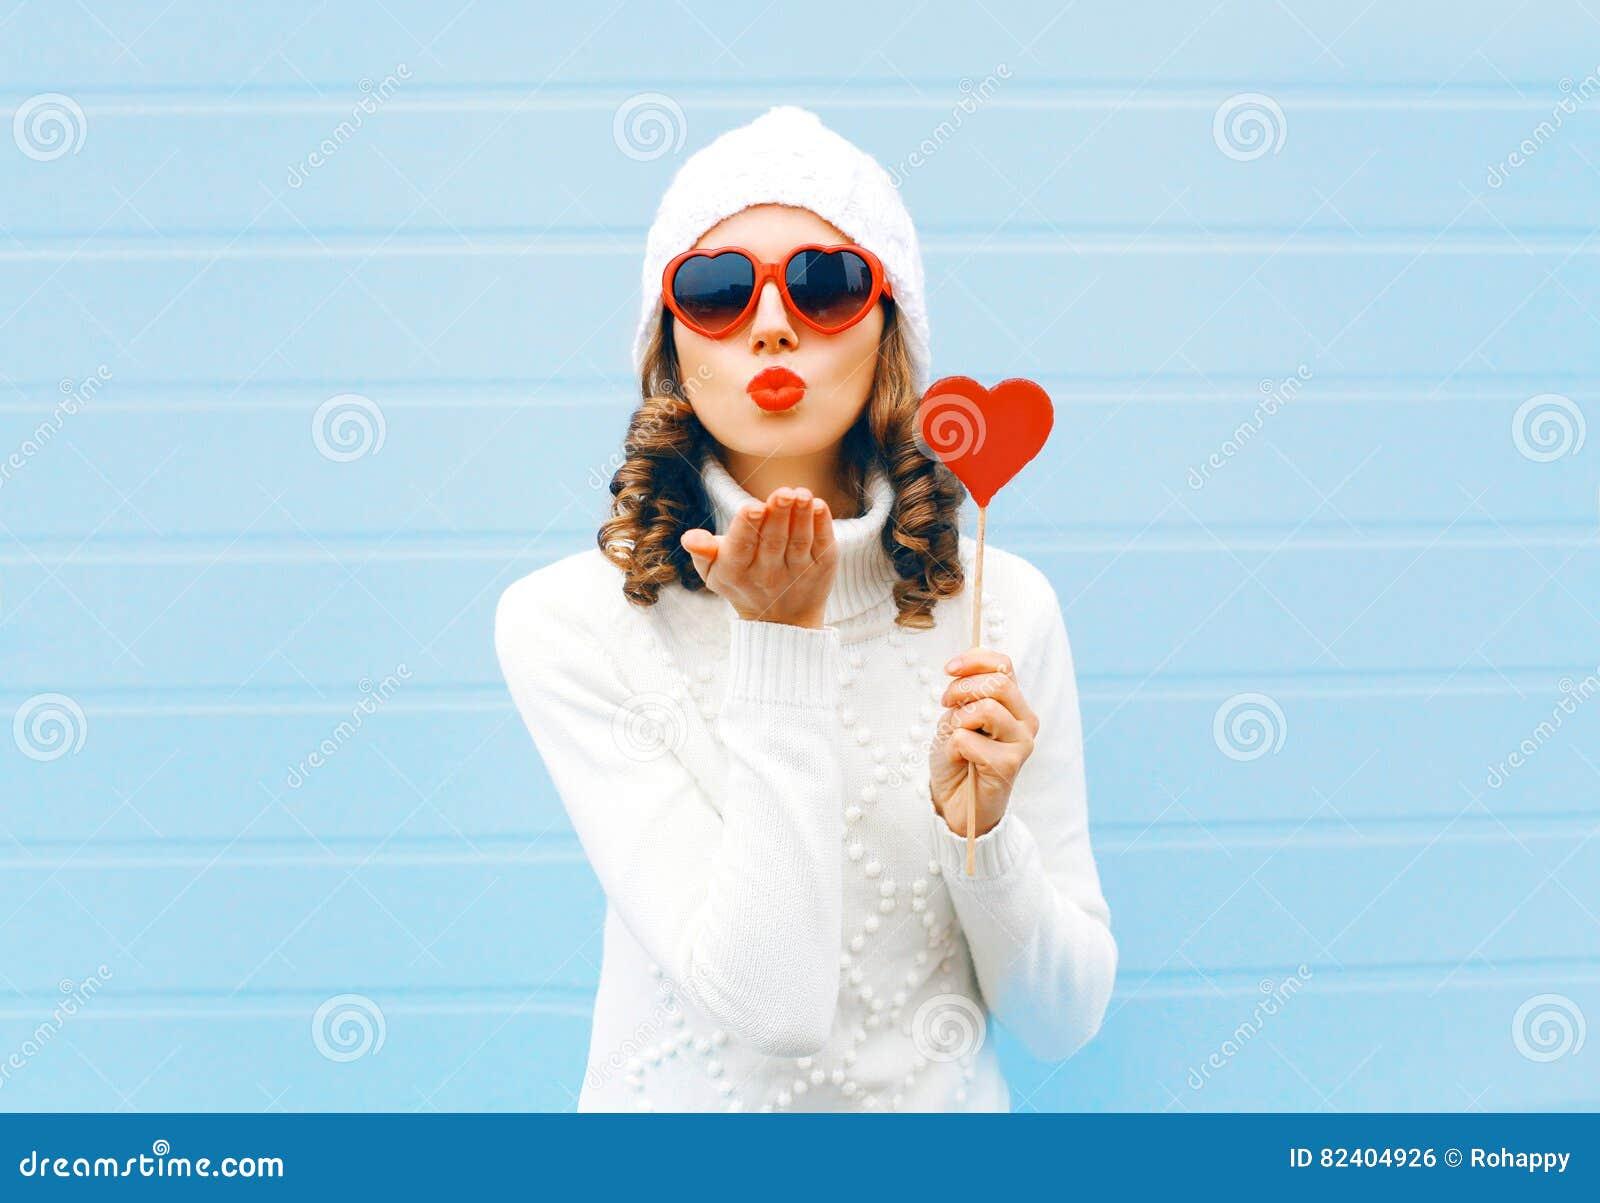 La jolie femme de portrait soufflant les lèvres rouges envoie à coeur de lucette de prises de baiser d air les lunettes de soleil